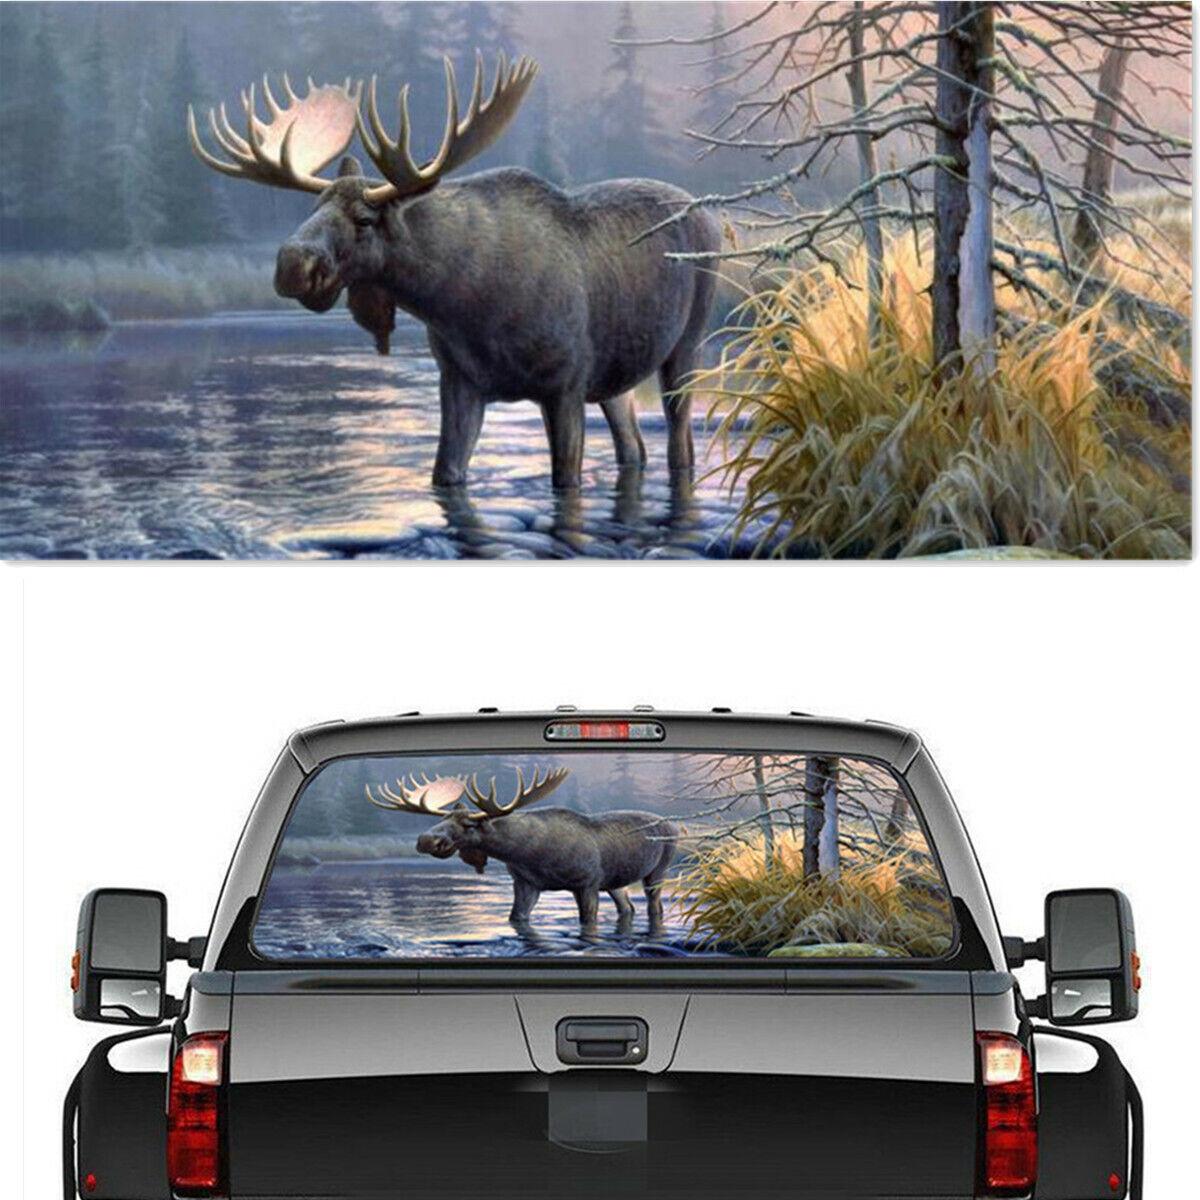 Pickup Rear Window Moose Forest Decoration Sticker Decal Waterproof 22 X 65 For Sale Online Ebay [ 1200 x 1200 Pixel ]